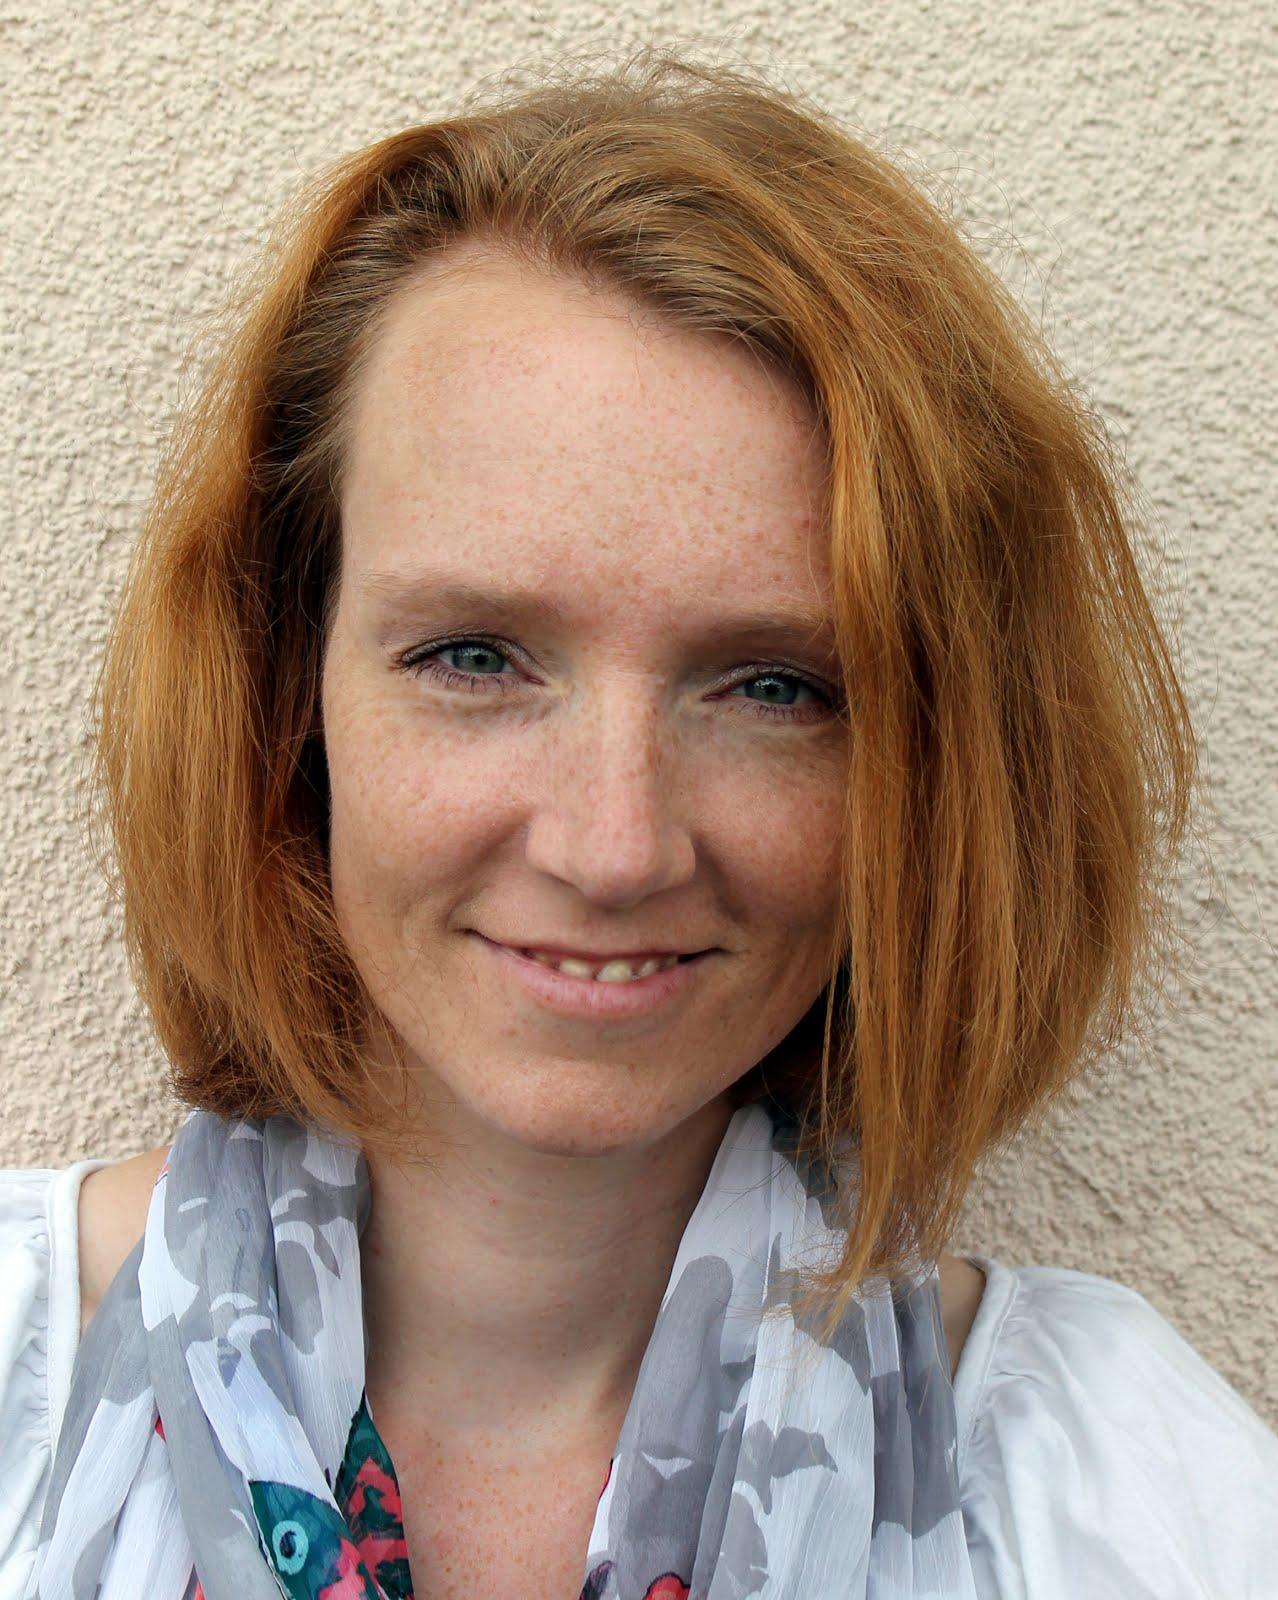 Claudia Ficht